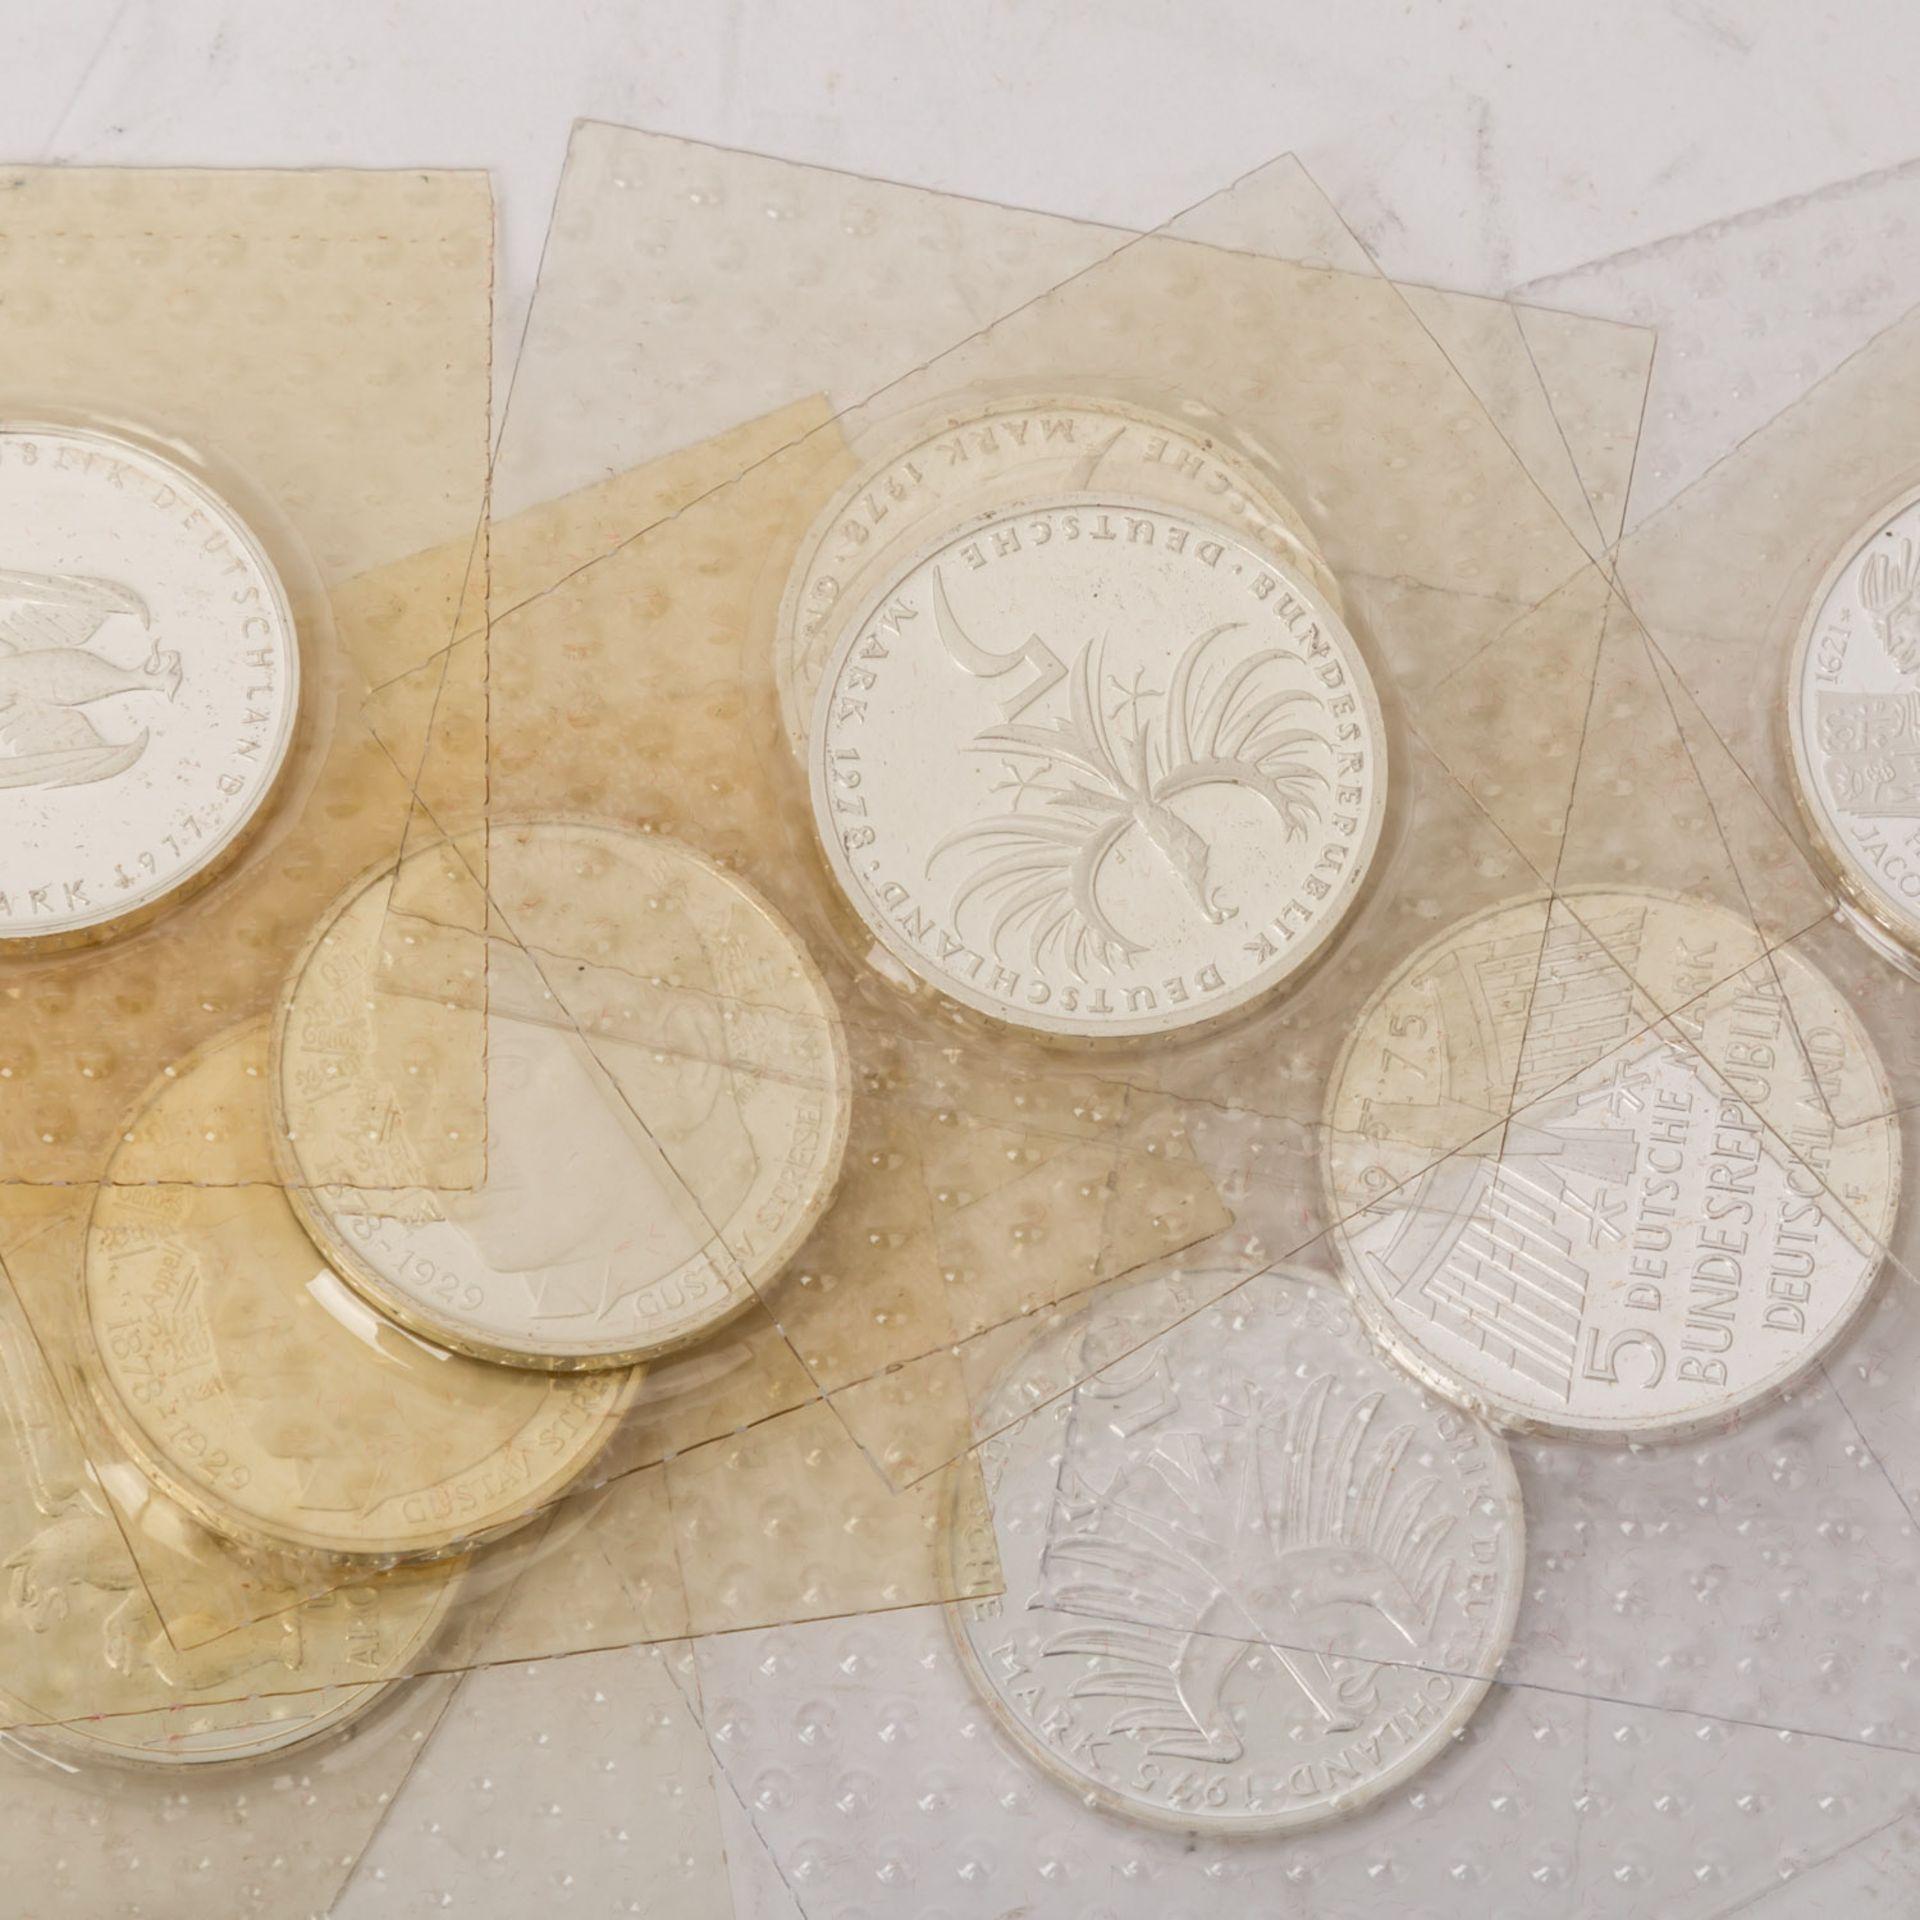 Großes Silberlot ca. 2,3 kg - Bild 5 aus 7